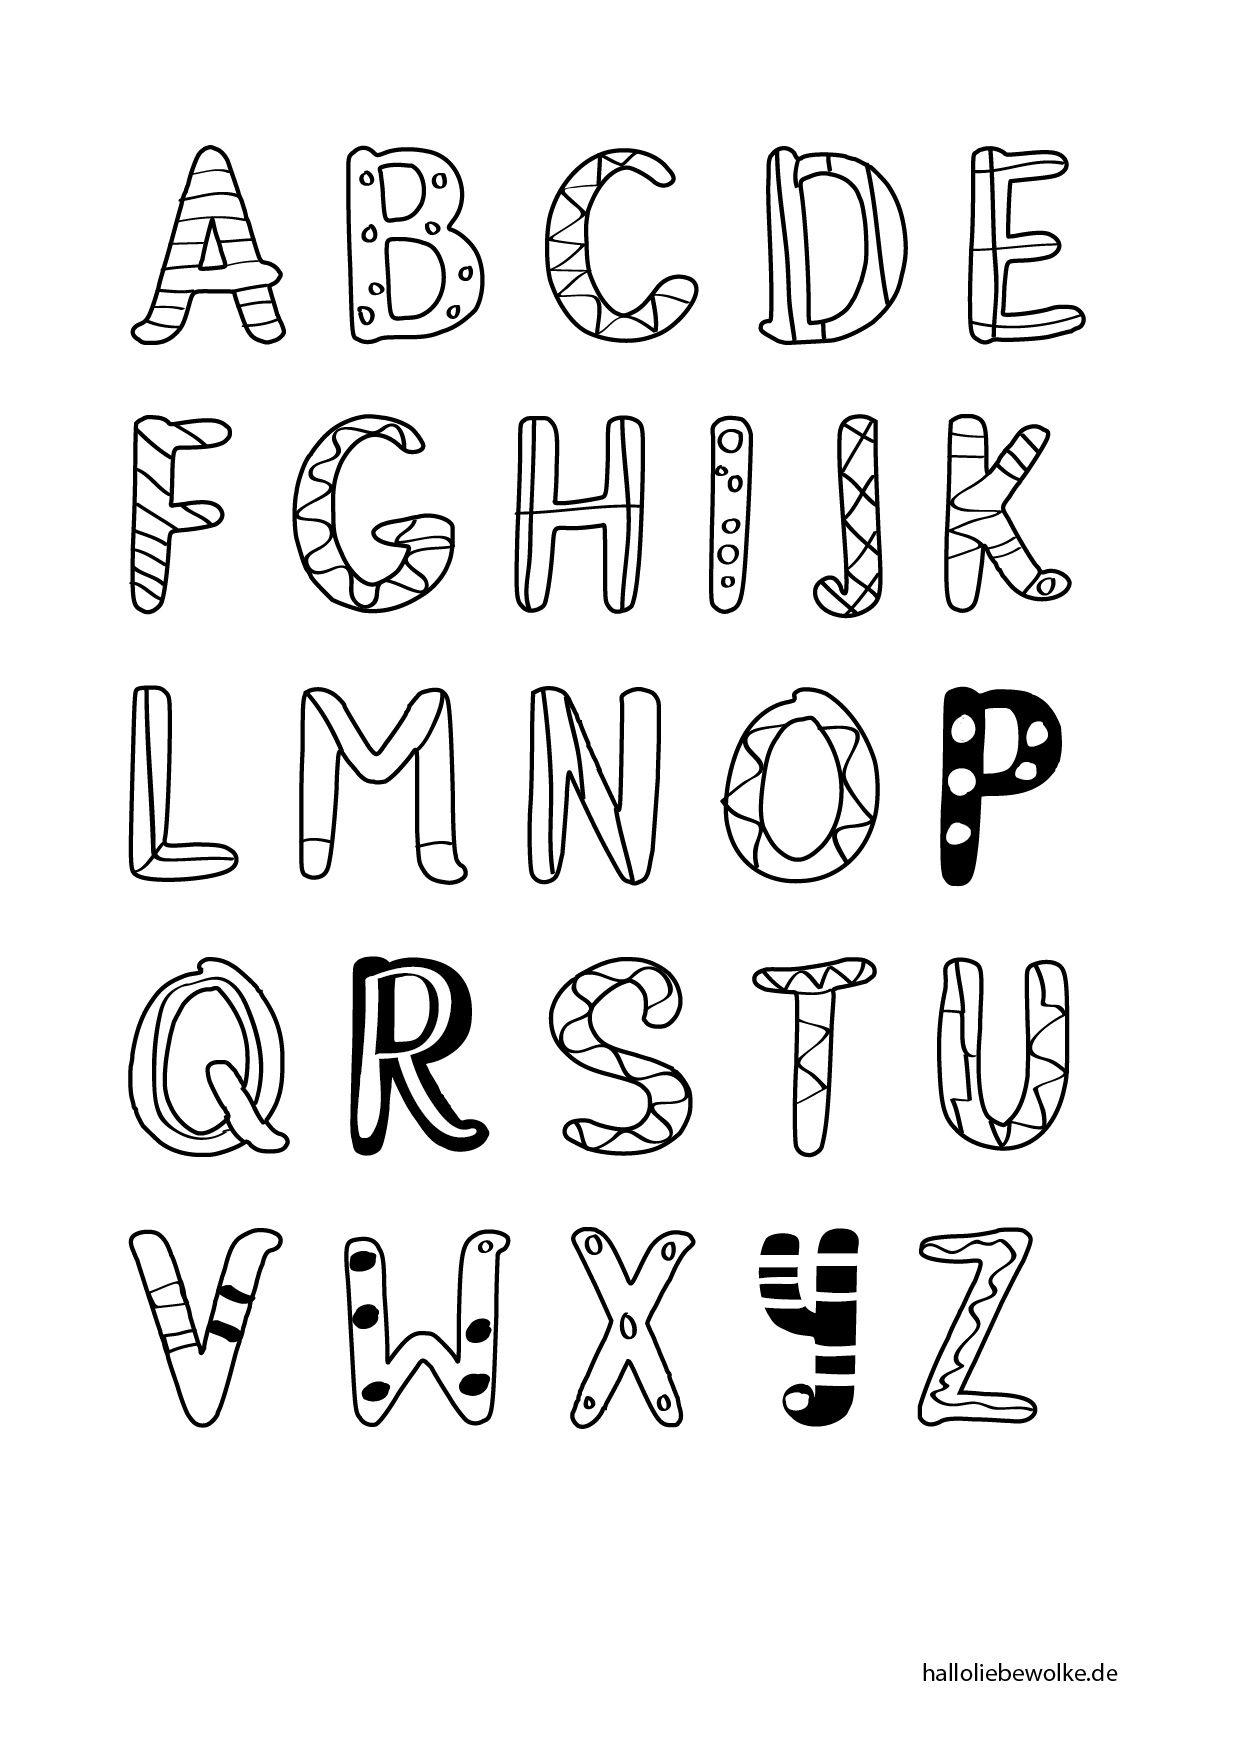 Printable & Malvorlage} Buchstaben Lernen (Mit Bildern bestimmt für Malvorlage Buchstaben